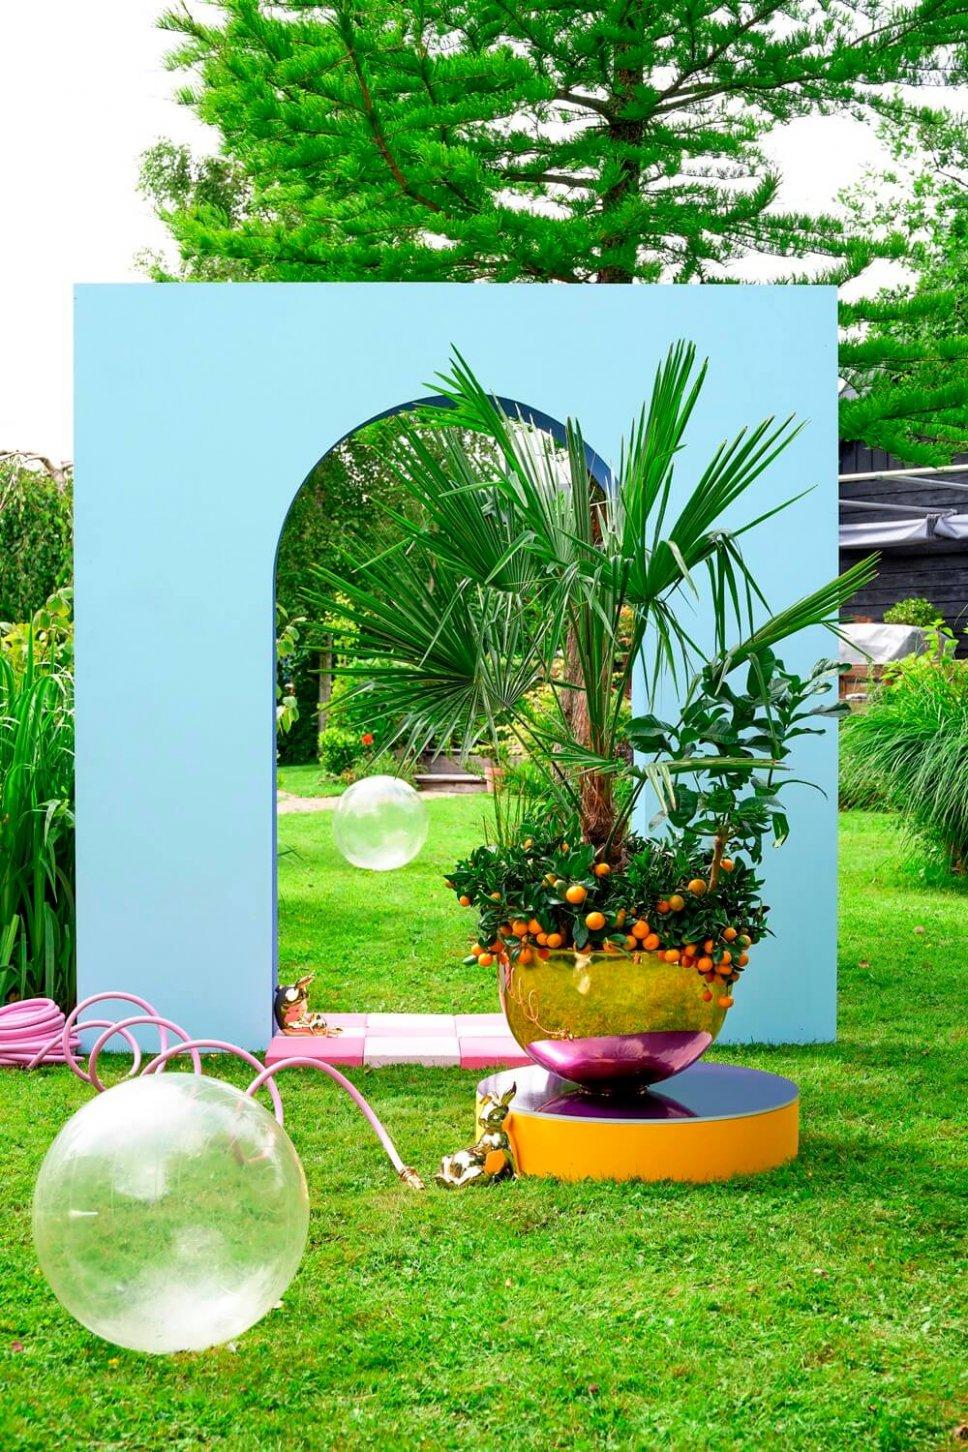 Garten mit verspiegeltem Blumenkasten gefüllt mit Zitruspflanzen und Palmen